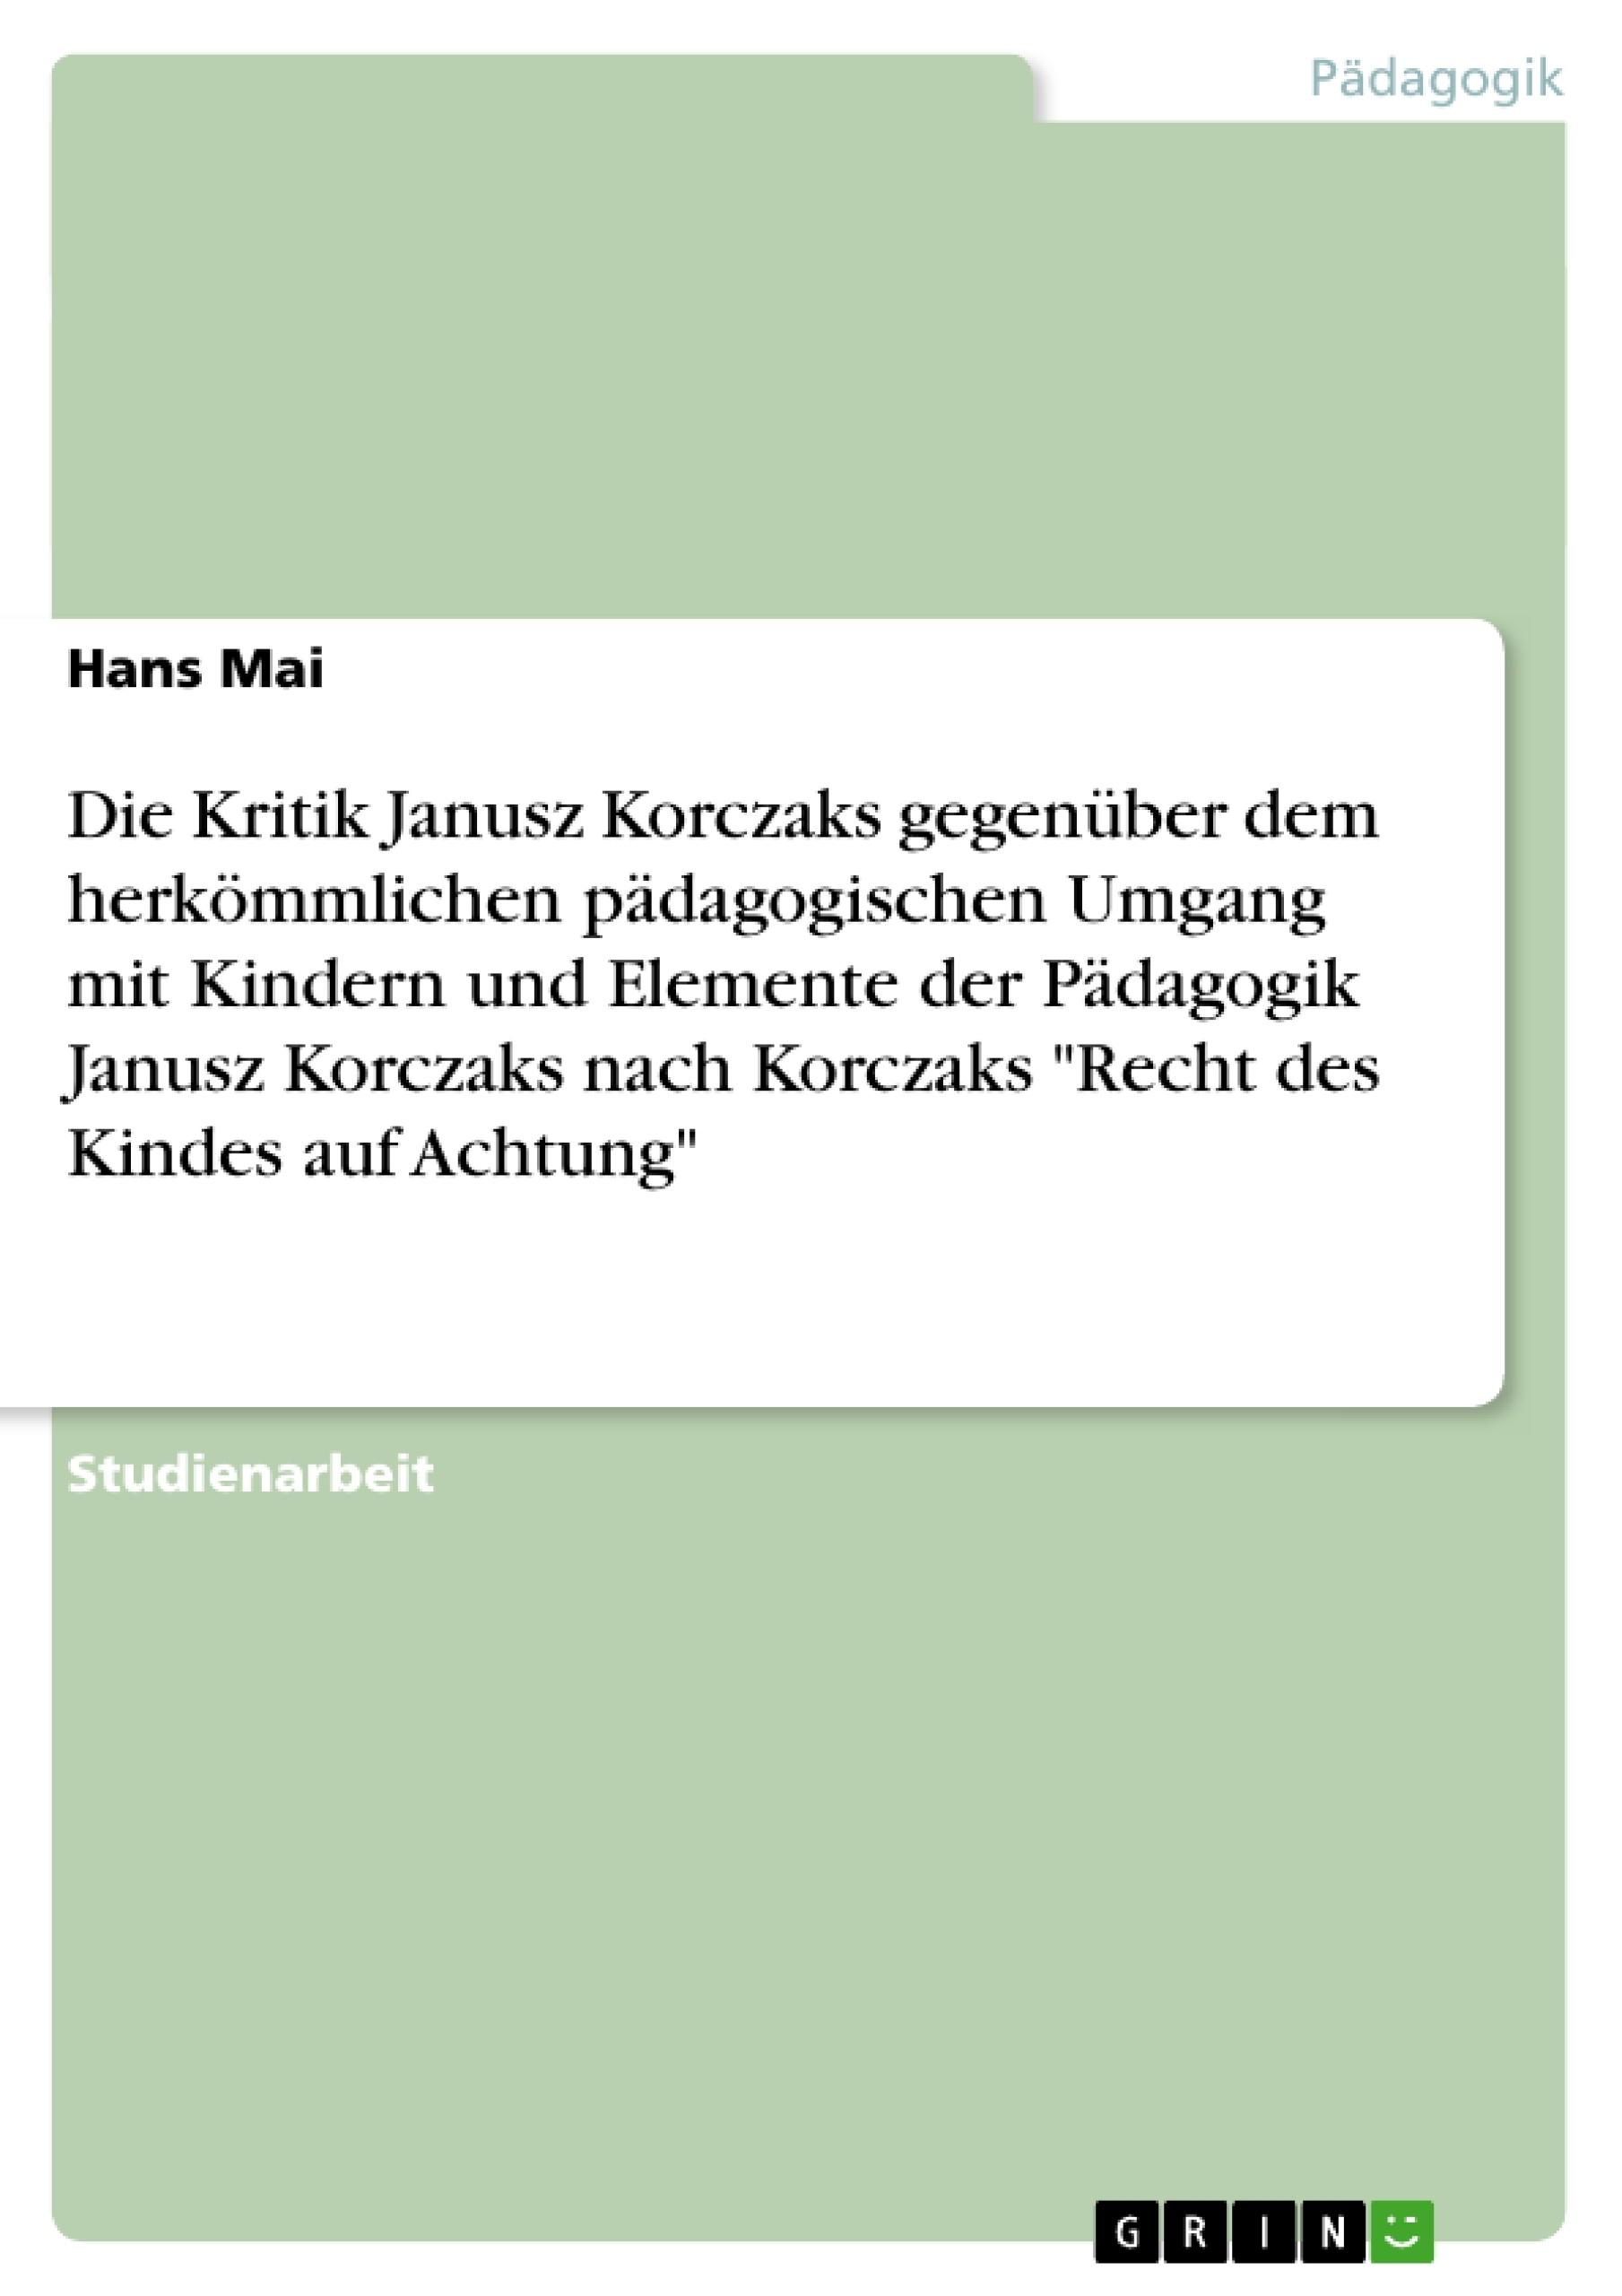 """Titel: Die Kritik Janusz Korczaks gegenüber dem herkömmlichen pädagogischen Umgang mit Kindern und Elemente der Pädagogik Janusz Korczaks  nach Korczaks """"Recht des Kindes auf Achtung"""""""